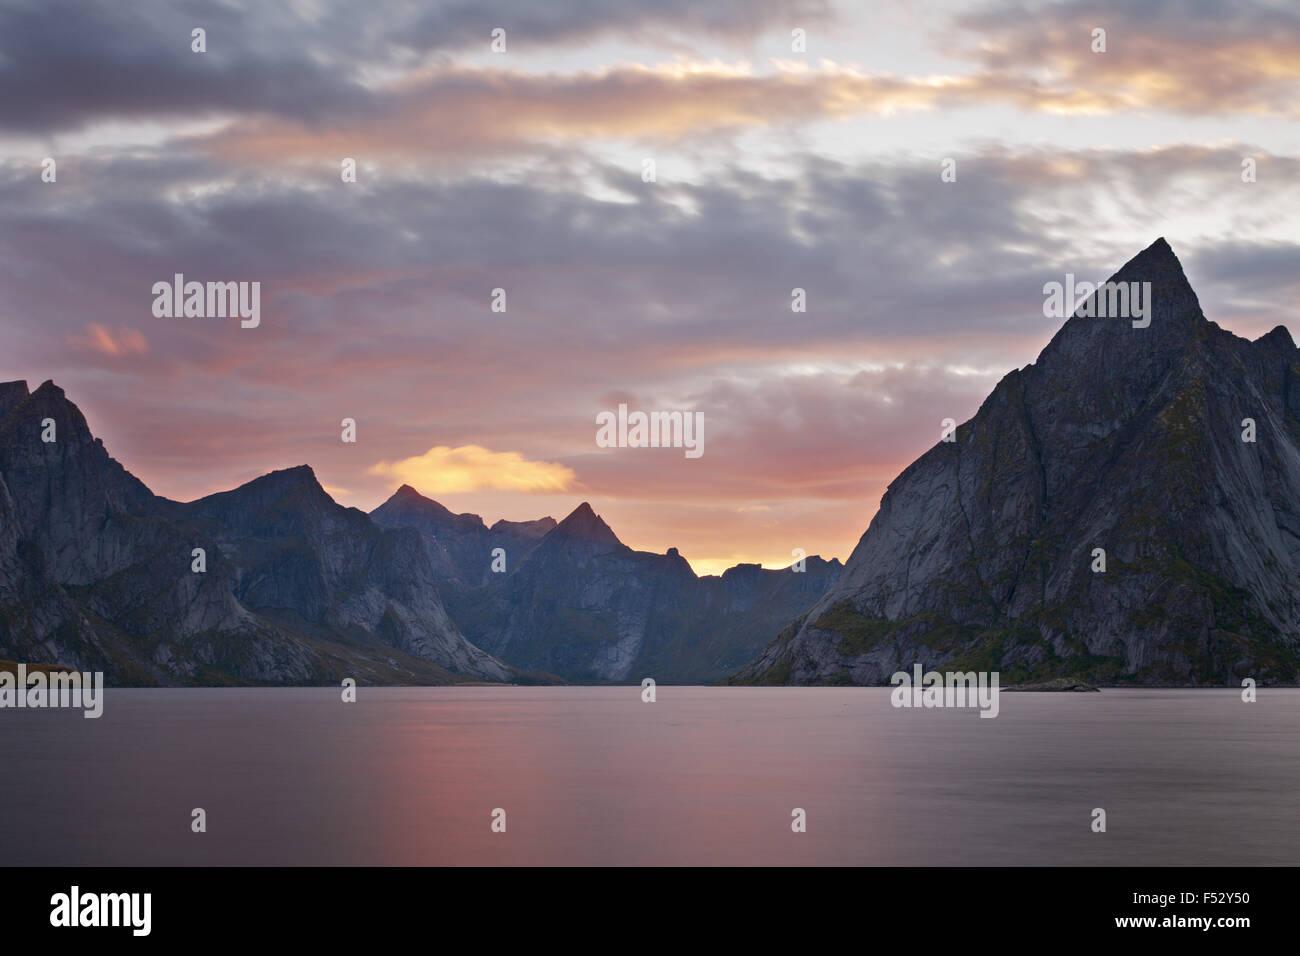 Reine fjord, fjord, Olstinden, Hermannsdalstinden, Lofoten, Norway, sundown - Stock Image